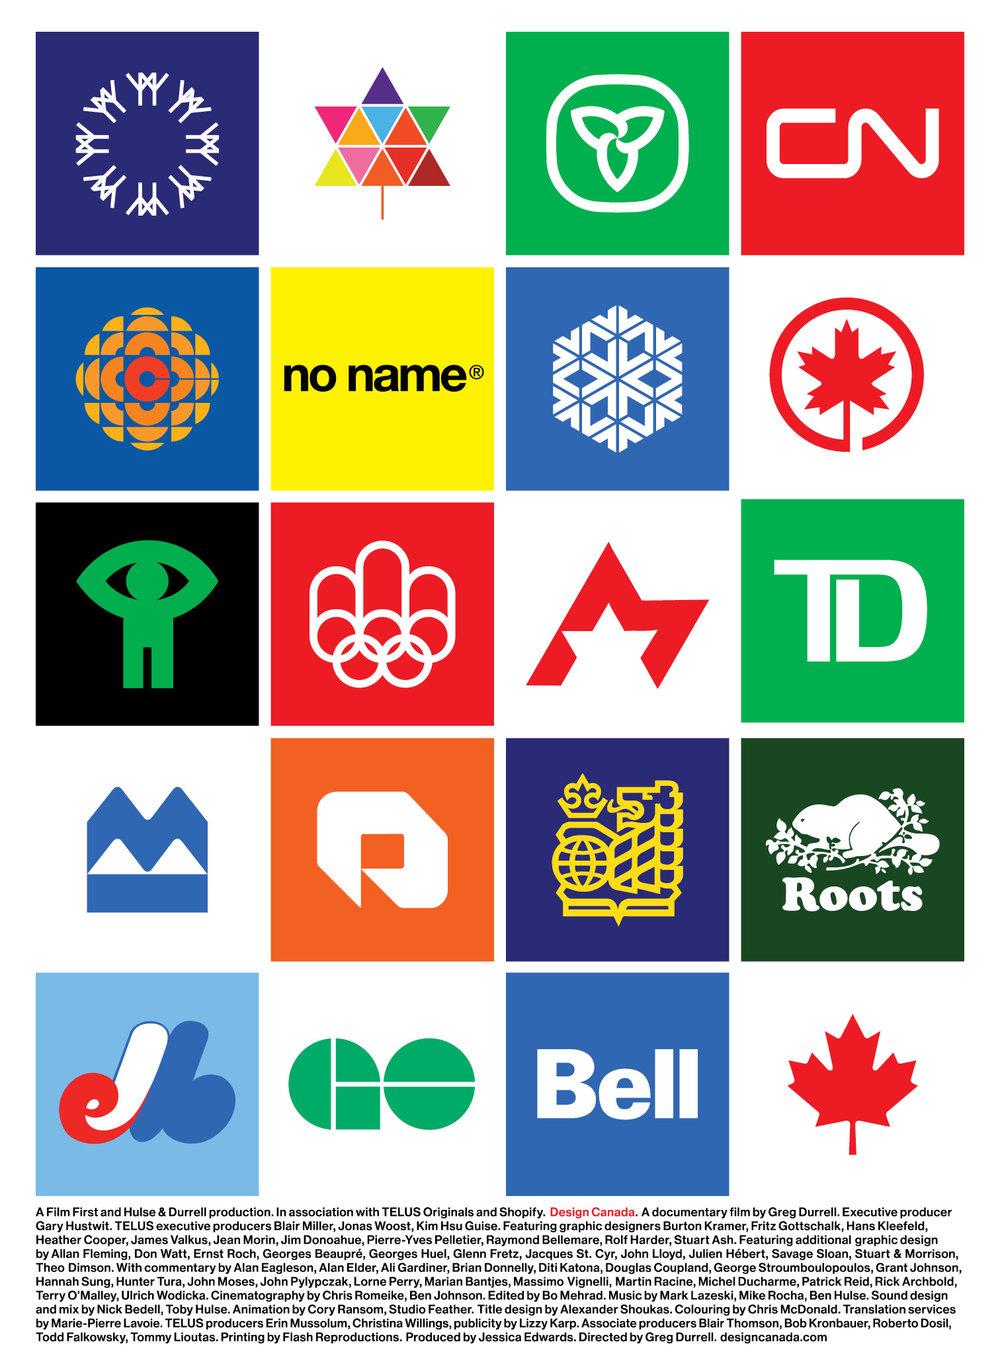 Design Canada